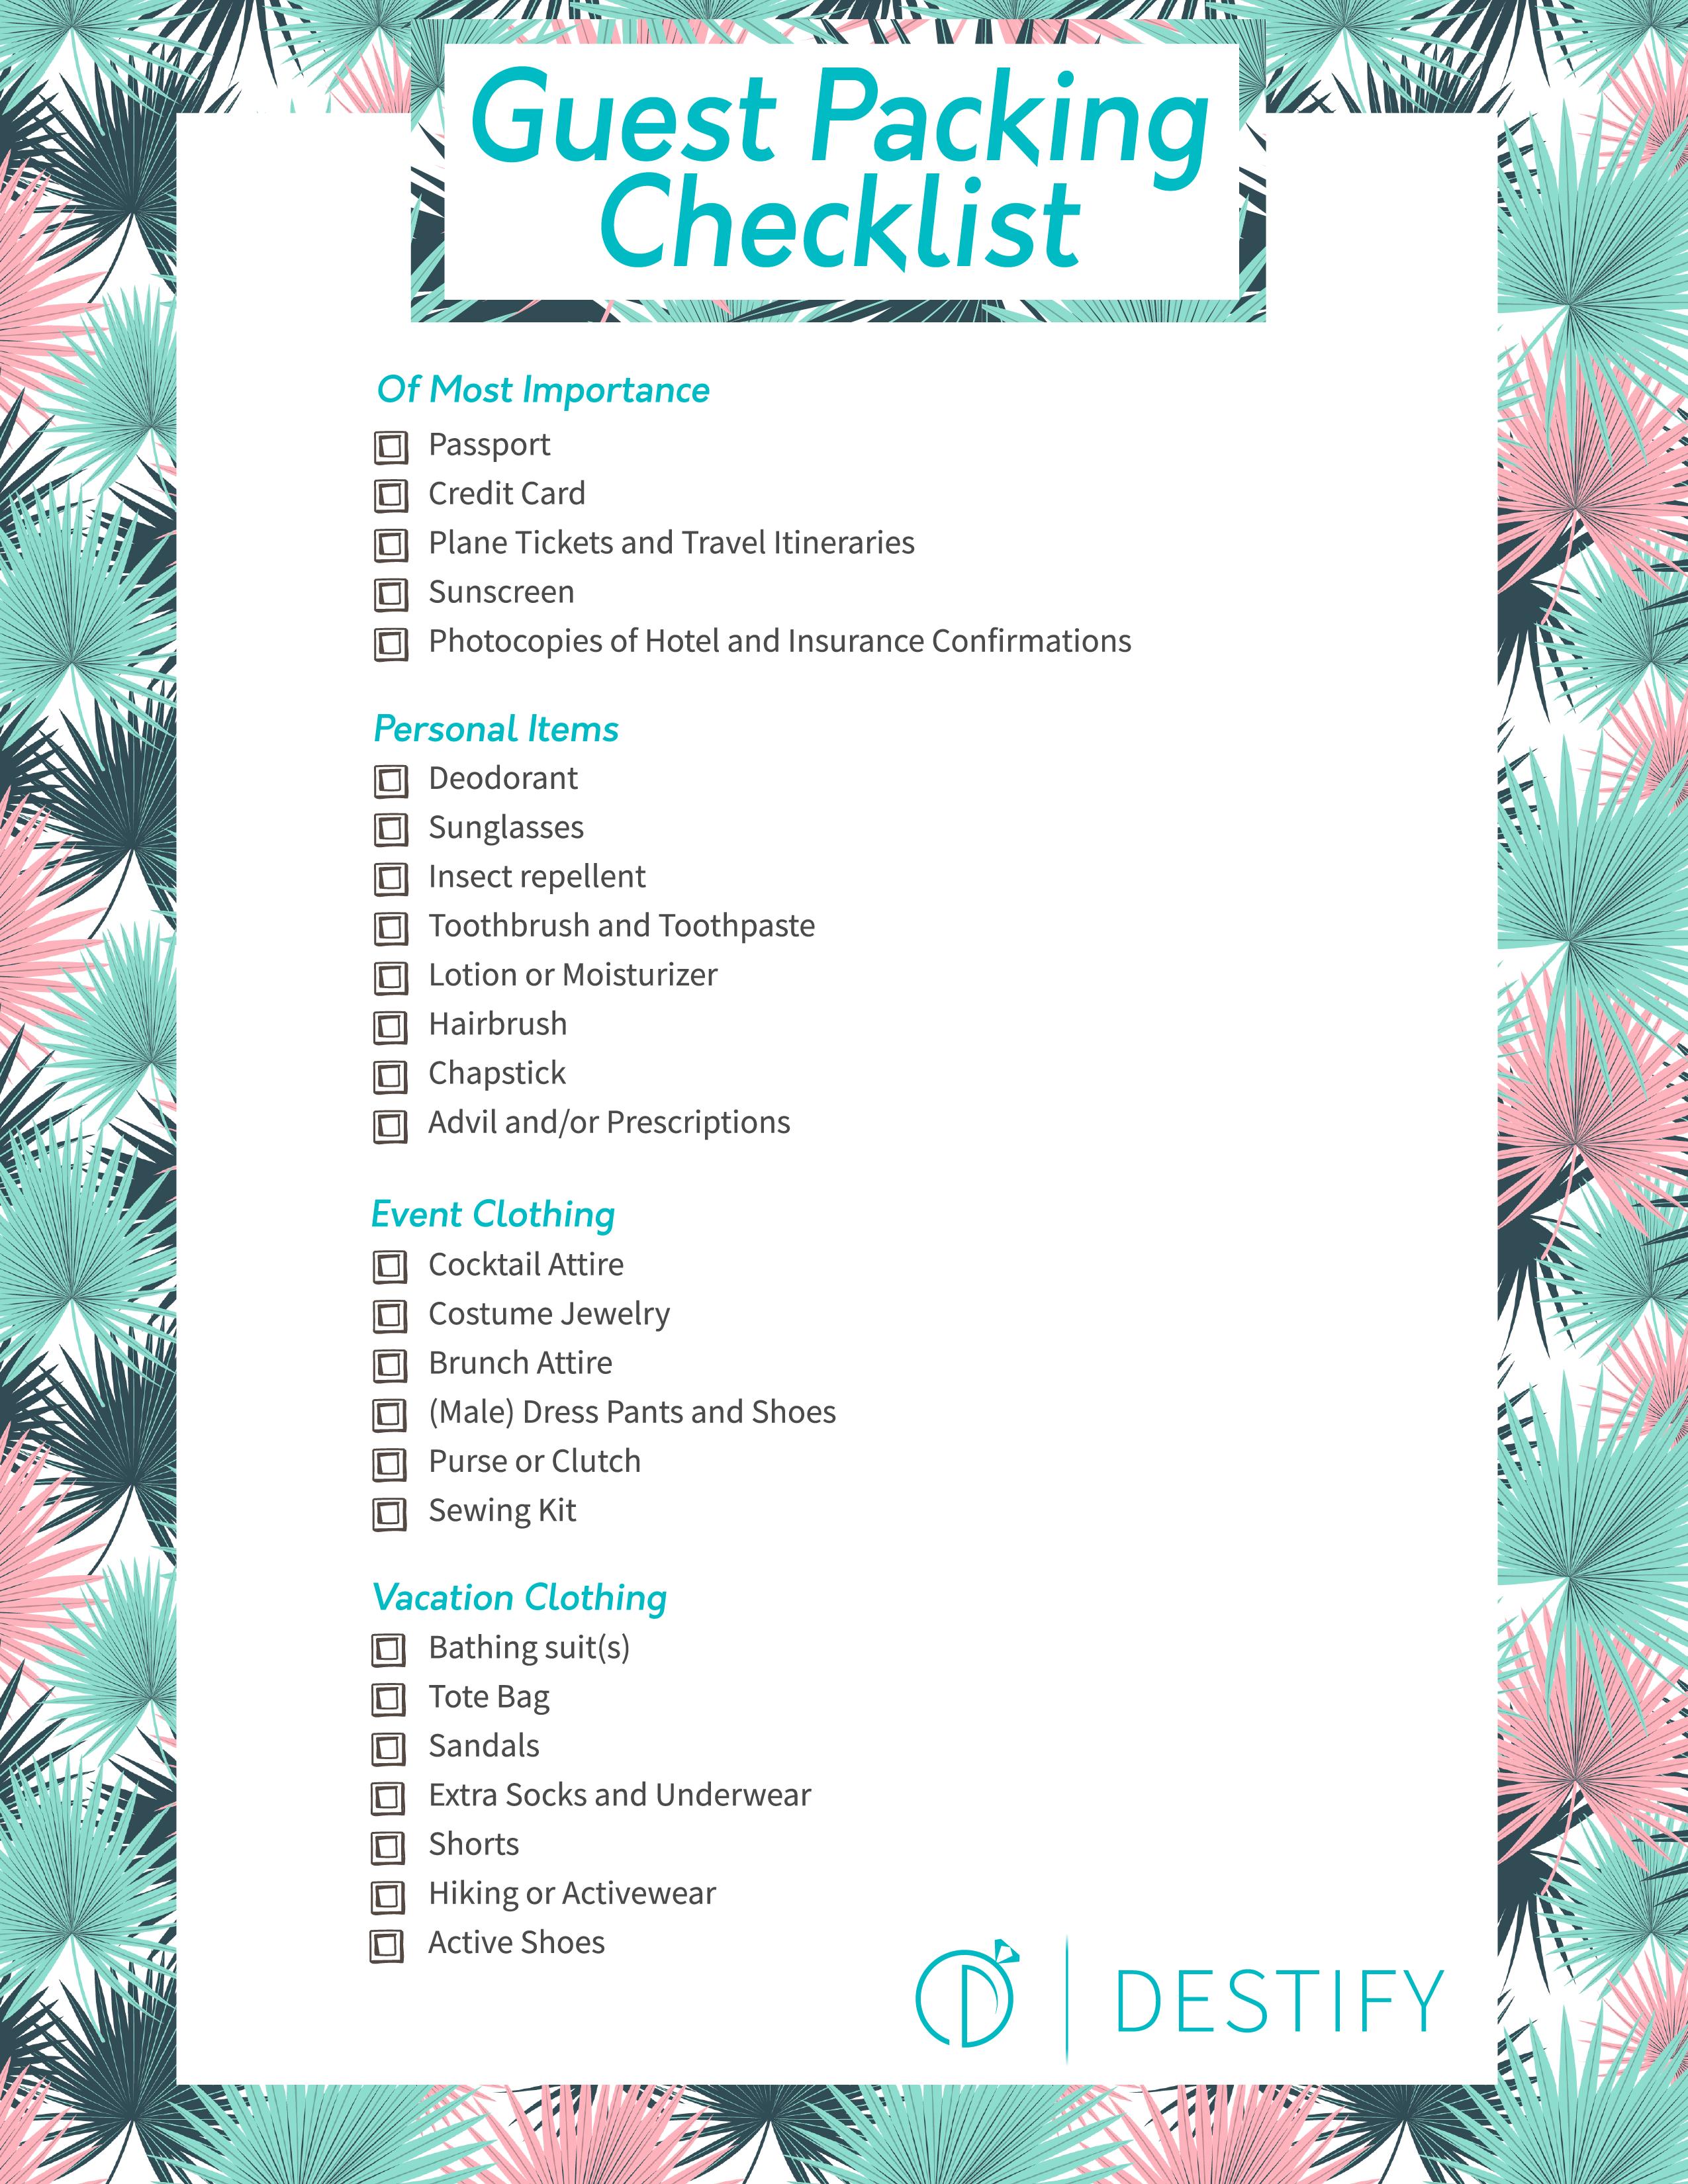 Destination Wedding Guest Packing Checklist Destination Wedding Guest Destination Wedding All Inclusive Destination Weddings